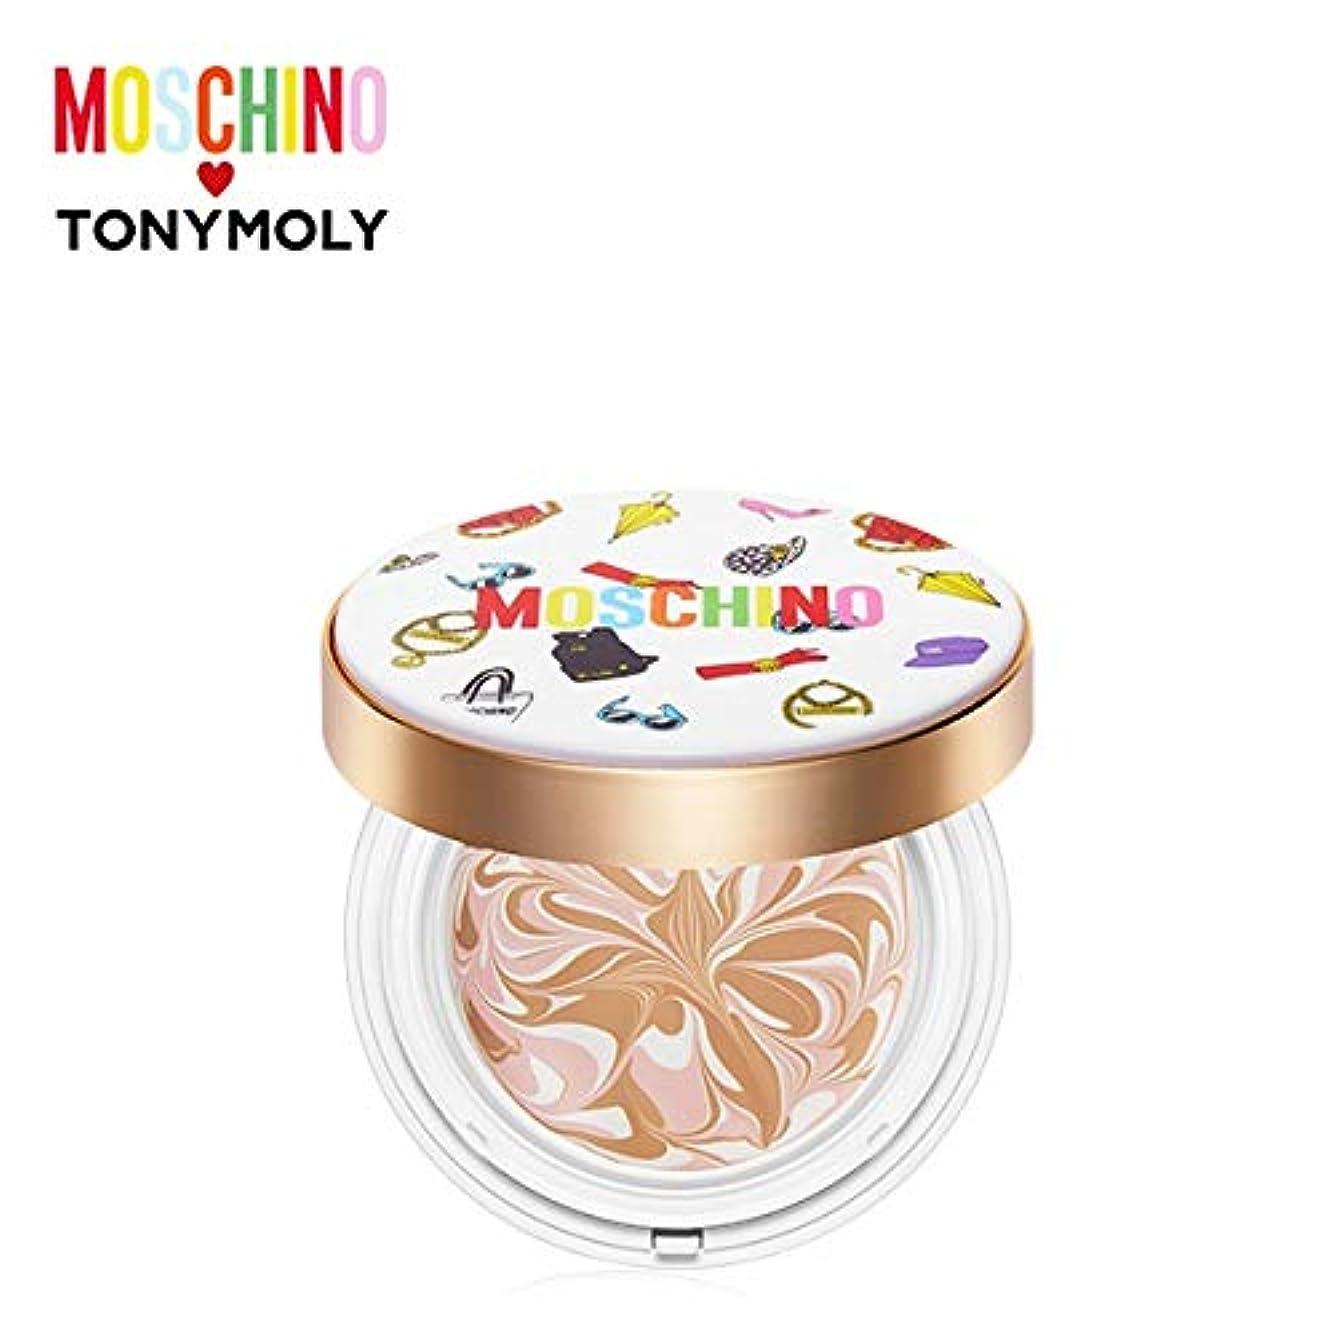 予測する苦味違反するトニーモリー [モスキーノ] シック スキン エッセンス パクト 18g TONYMOLY [MOSCHINO] Chic Skin Essence Pact #01 CHIC VANILLA [並行輸入品]